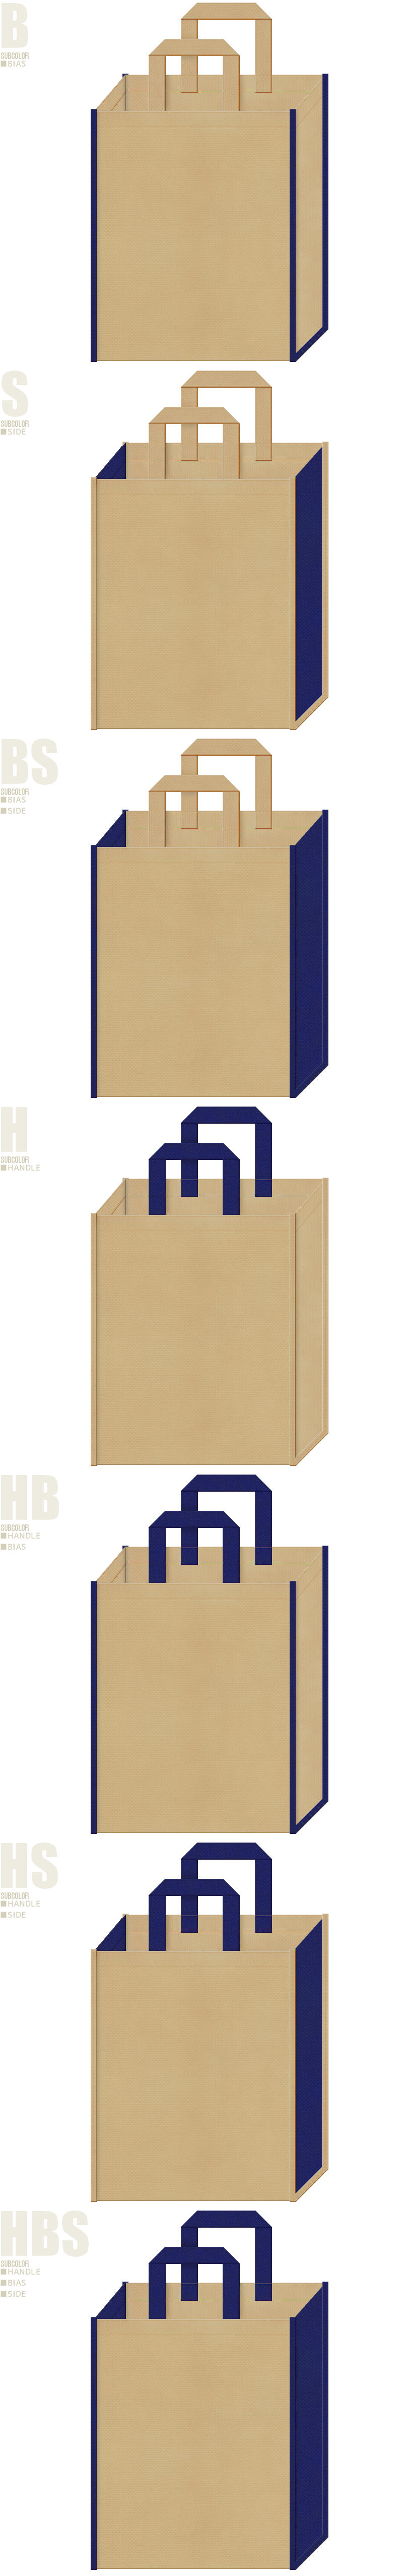 カーキ色と明るめの紺色、7パターンの不織布トートバッグ配色デザイン例。